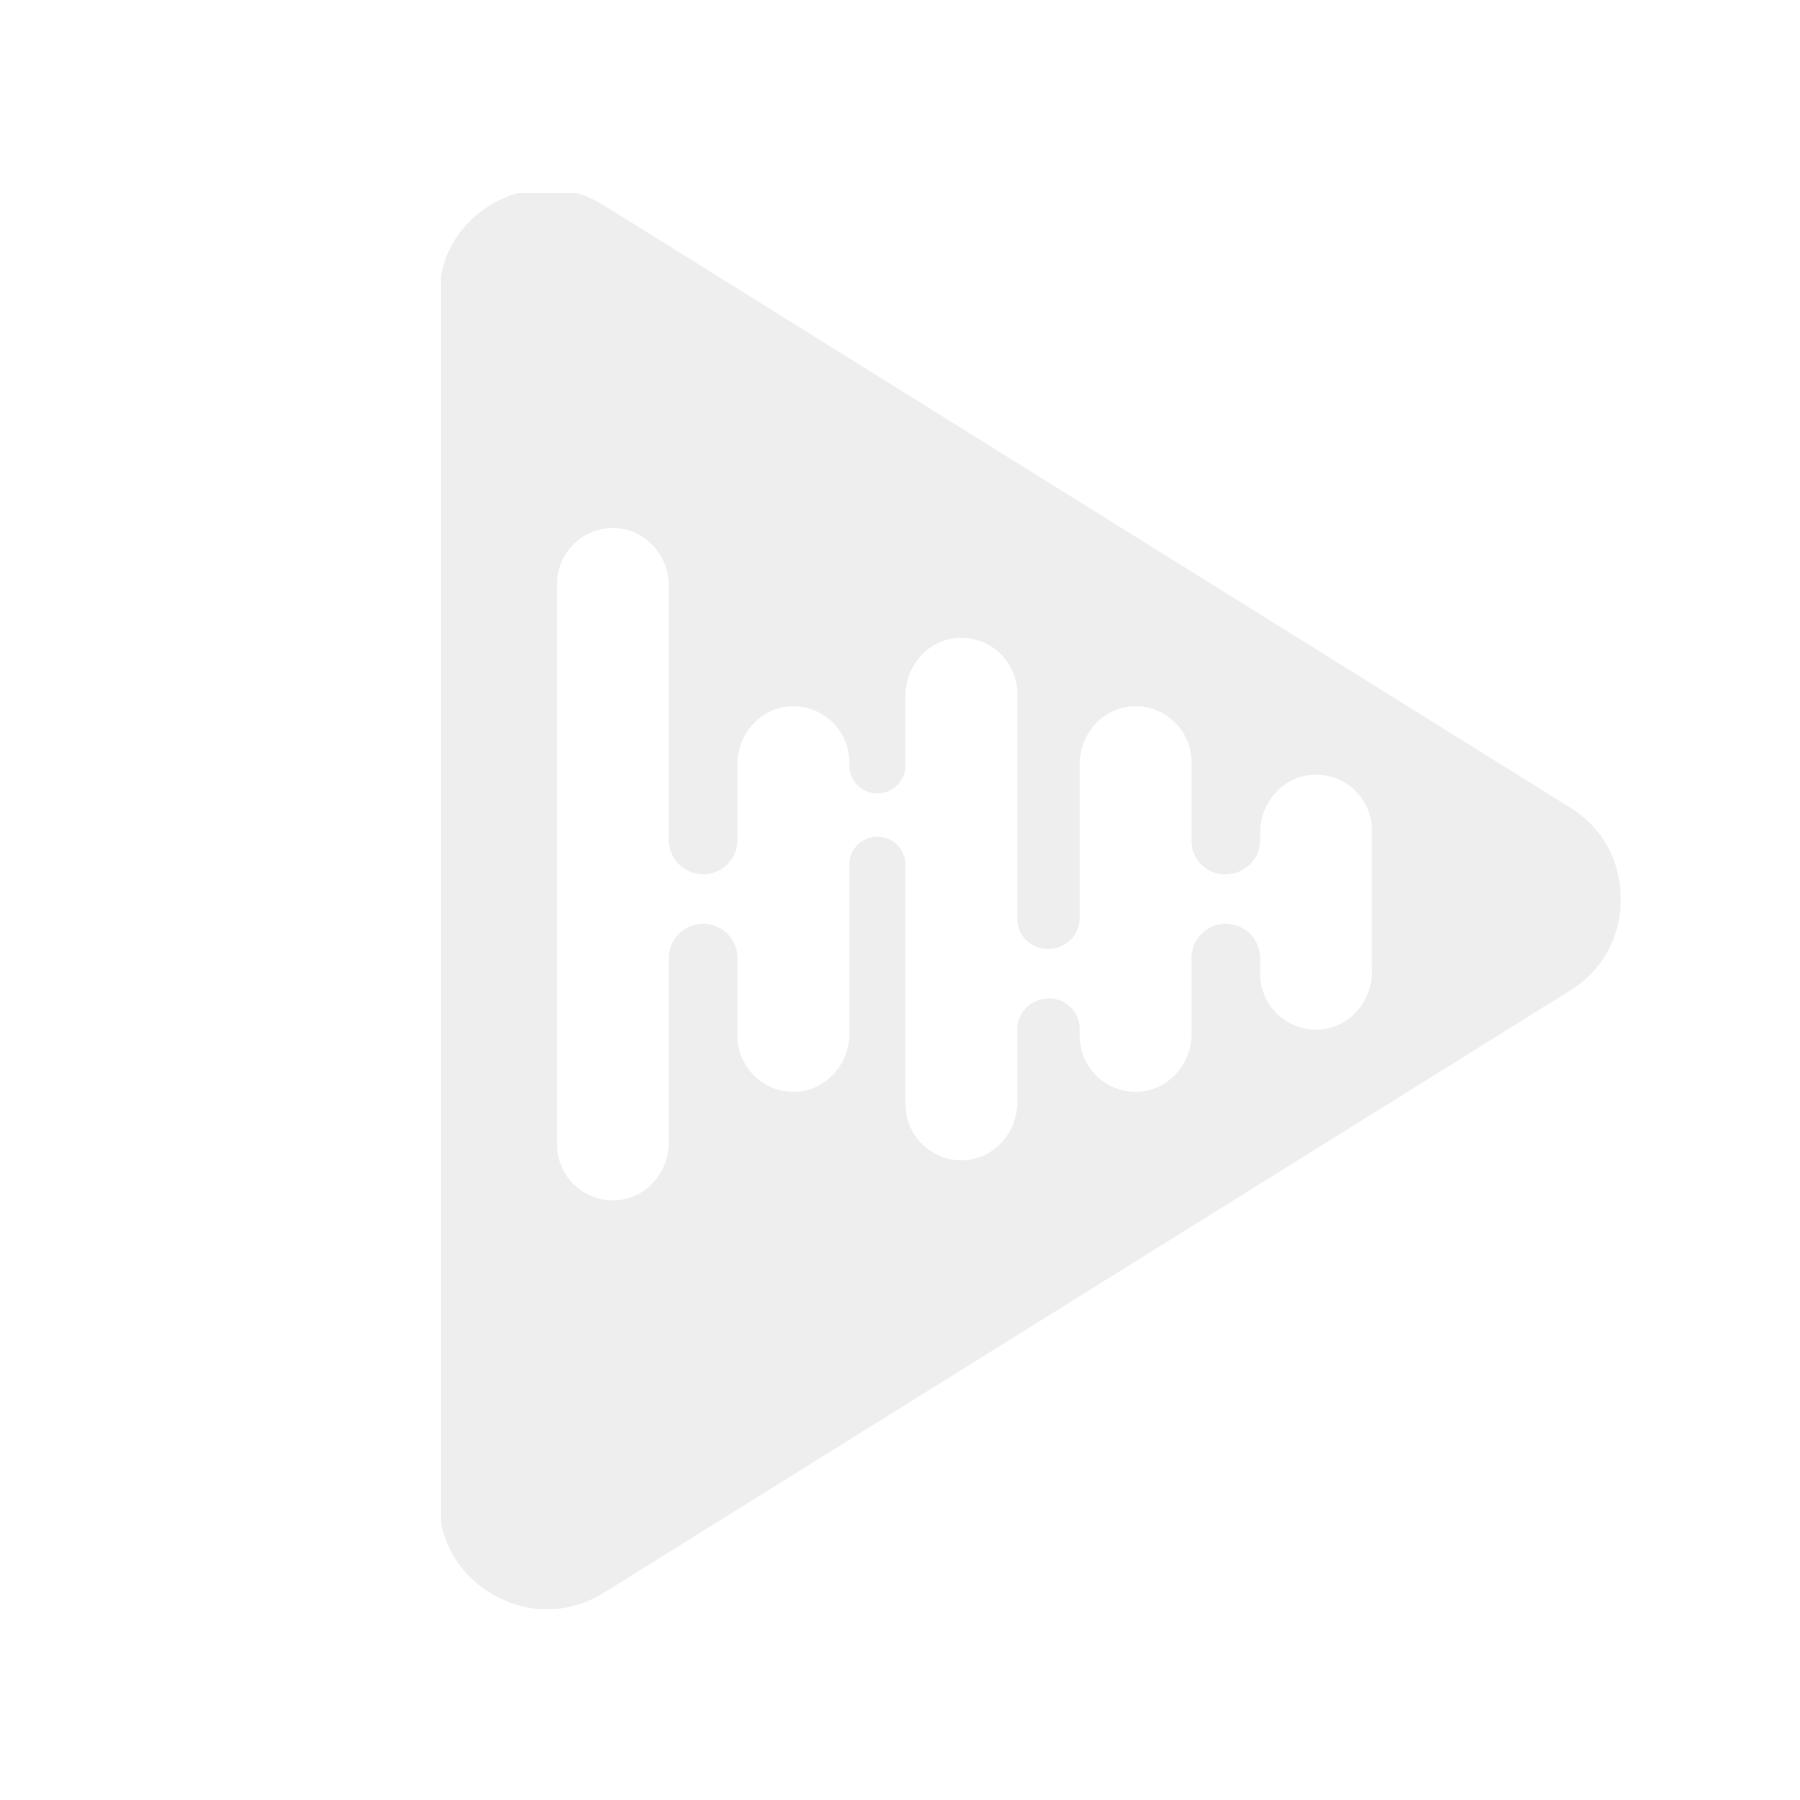 Incartec 40-0523W-165